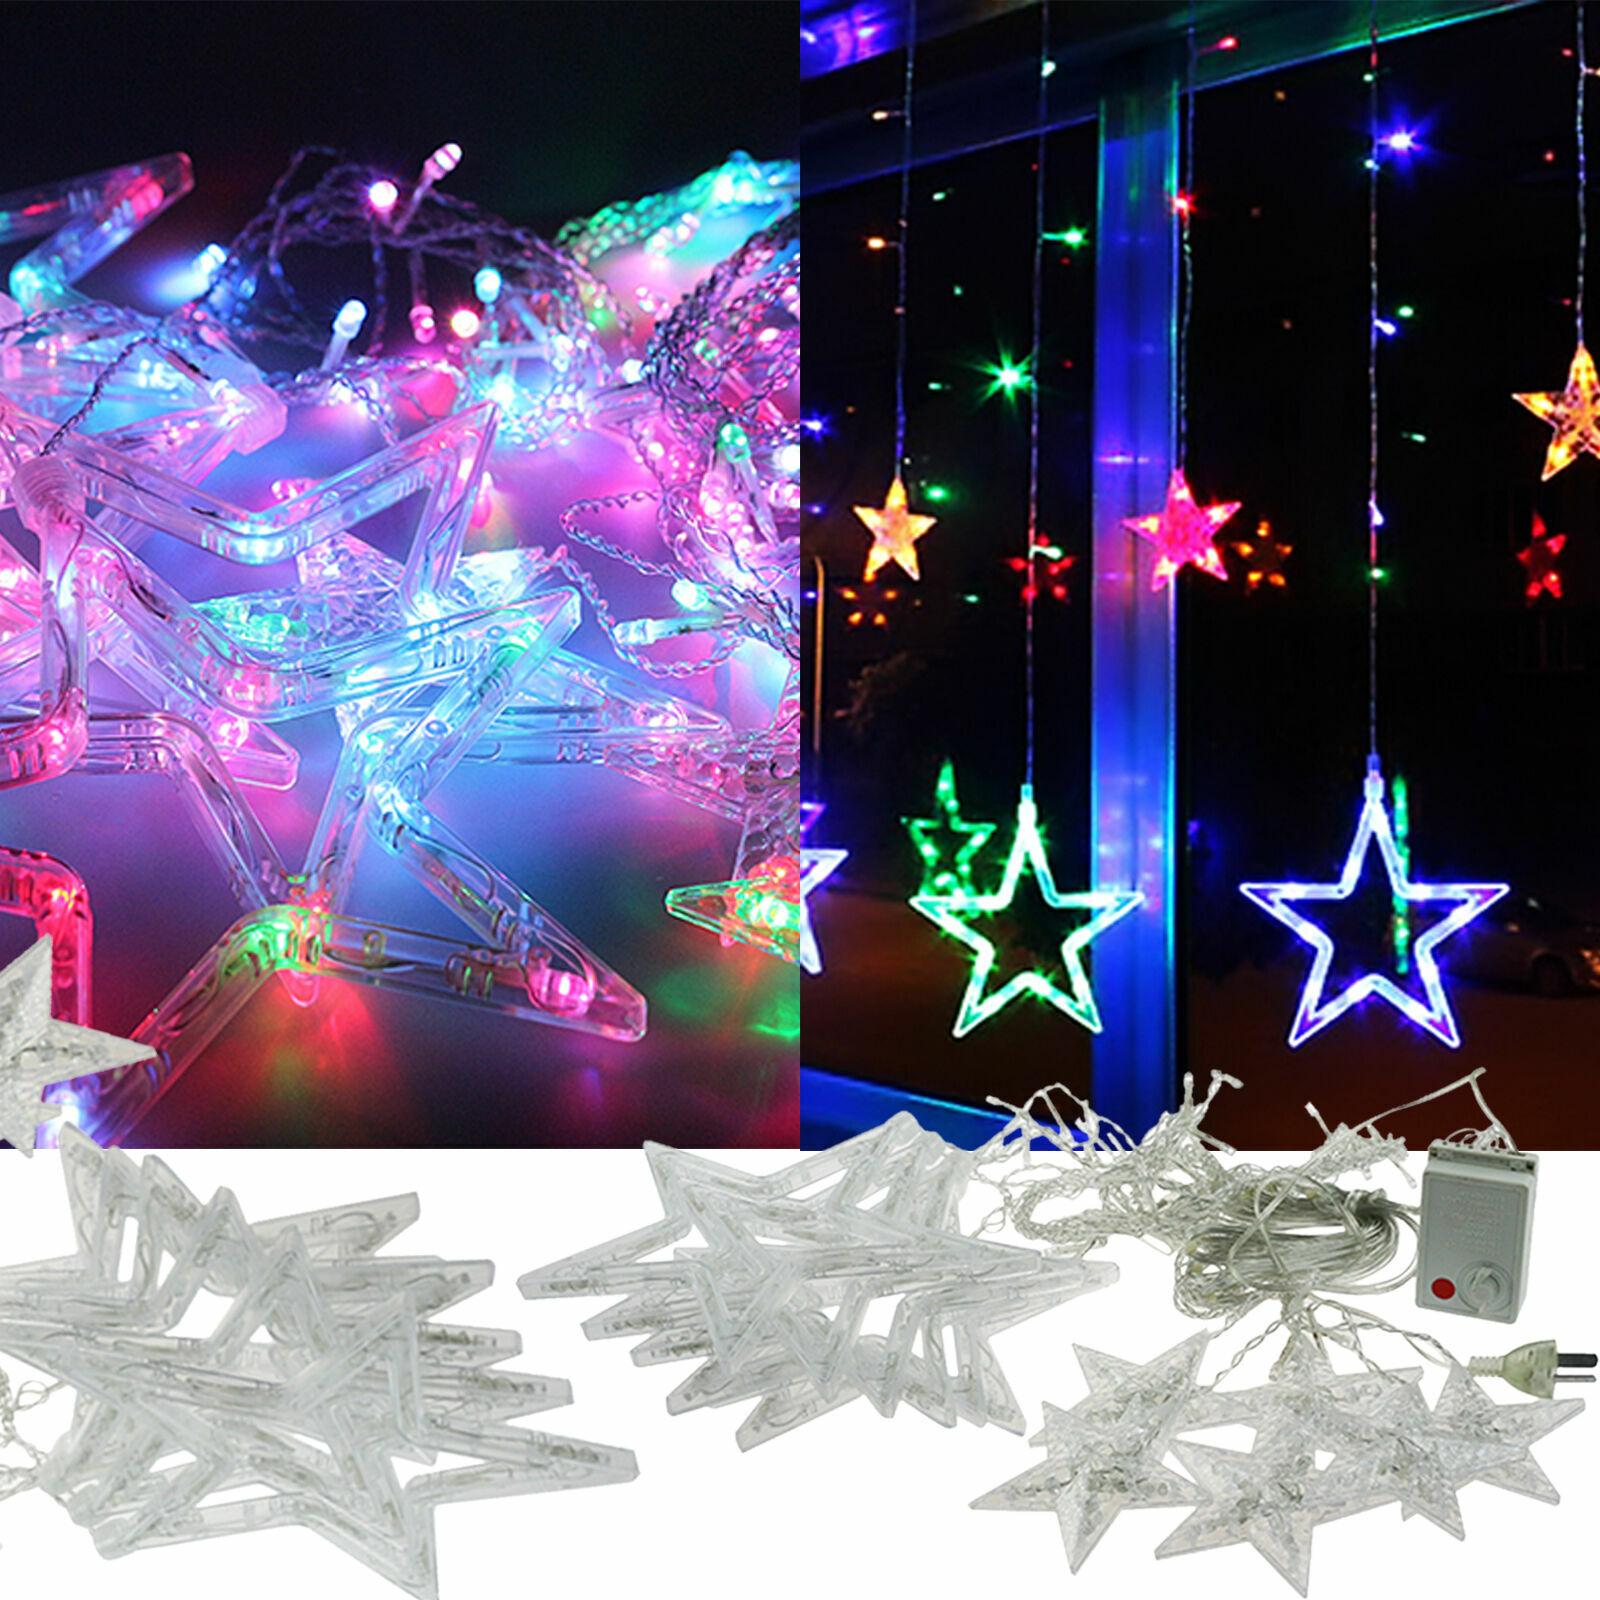 138LED Star Stern Lichterkette Lichtvorhang Fenster Weihnachten Beleuchtung Deko